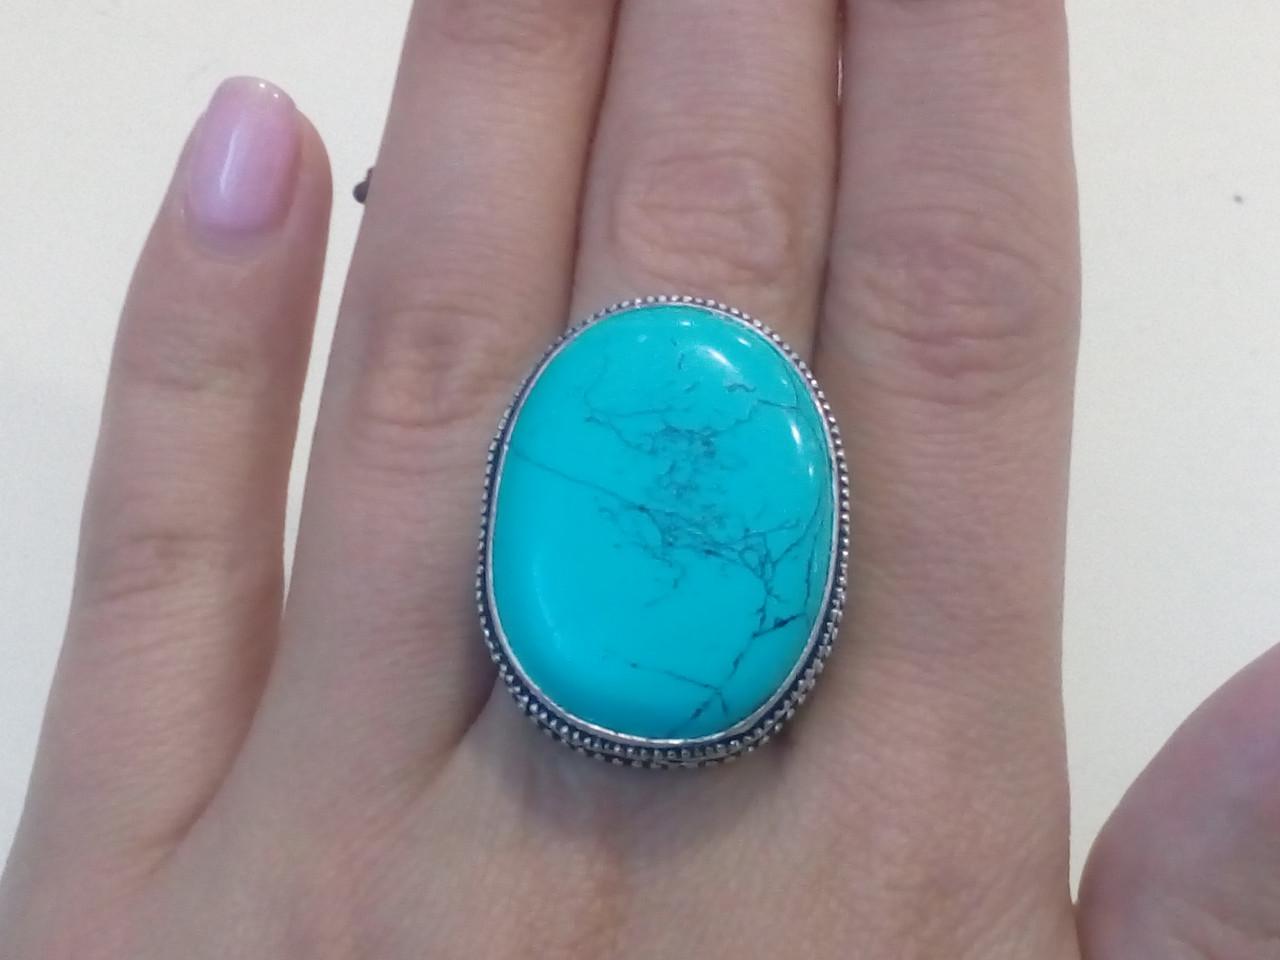 Бирюза кольцо с бирюзой 17.5 размер бирюза в серебре Индия